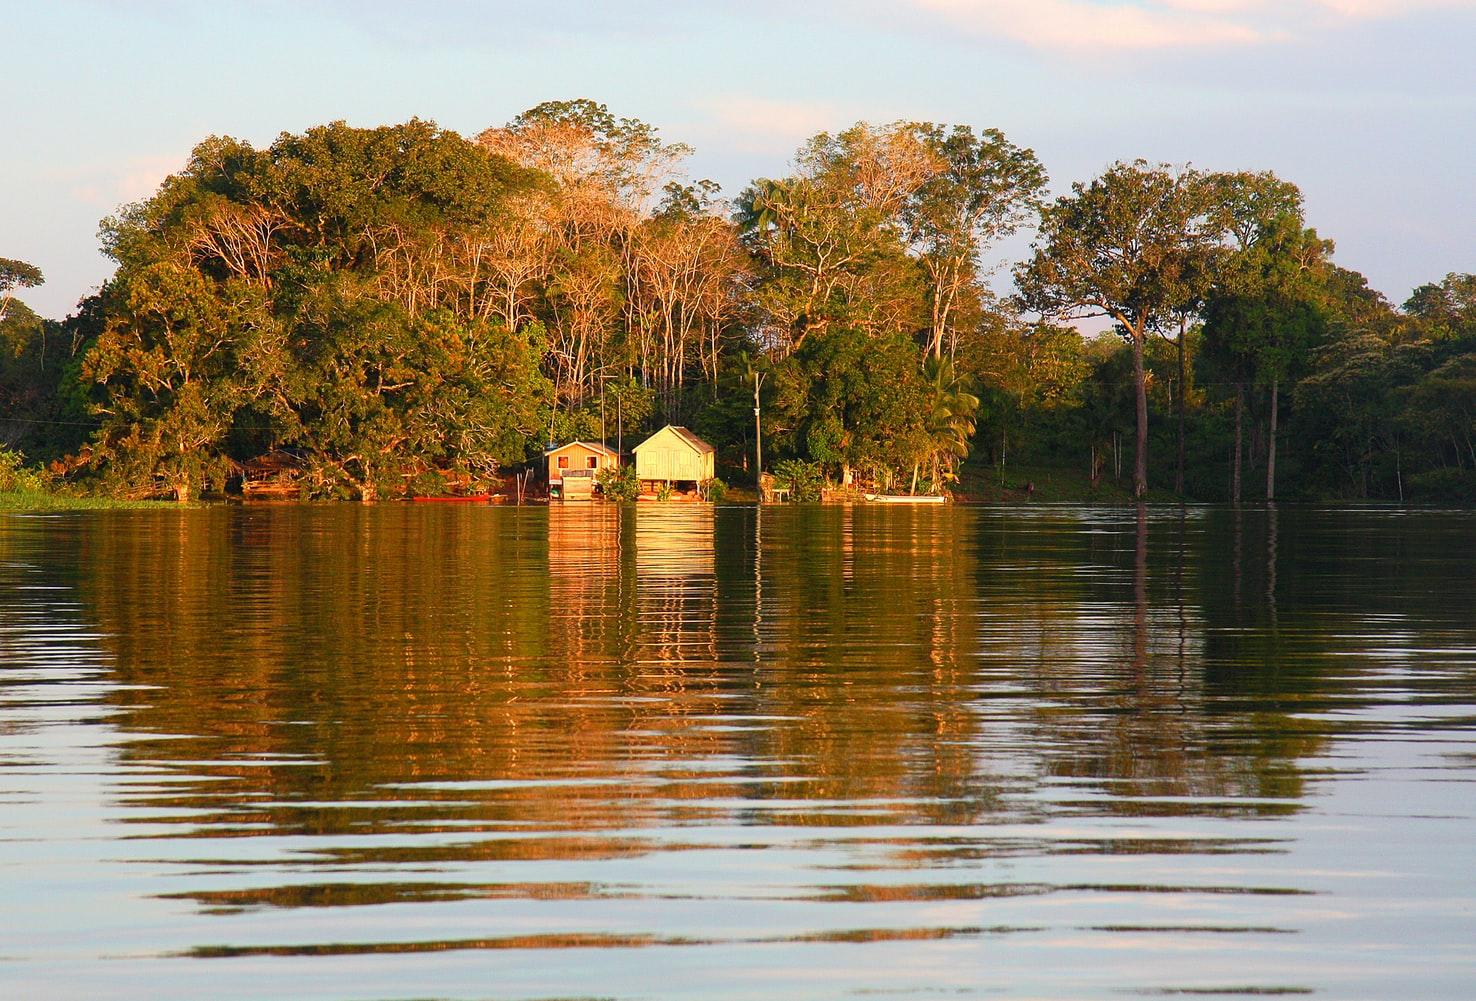 Amazônia - Amazon rainforest. Source: Unsplash